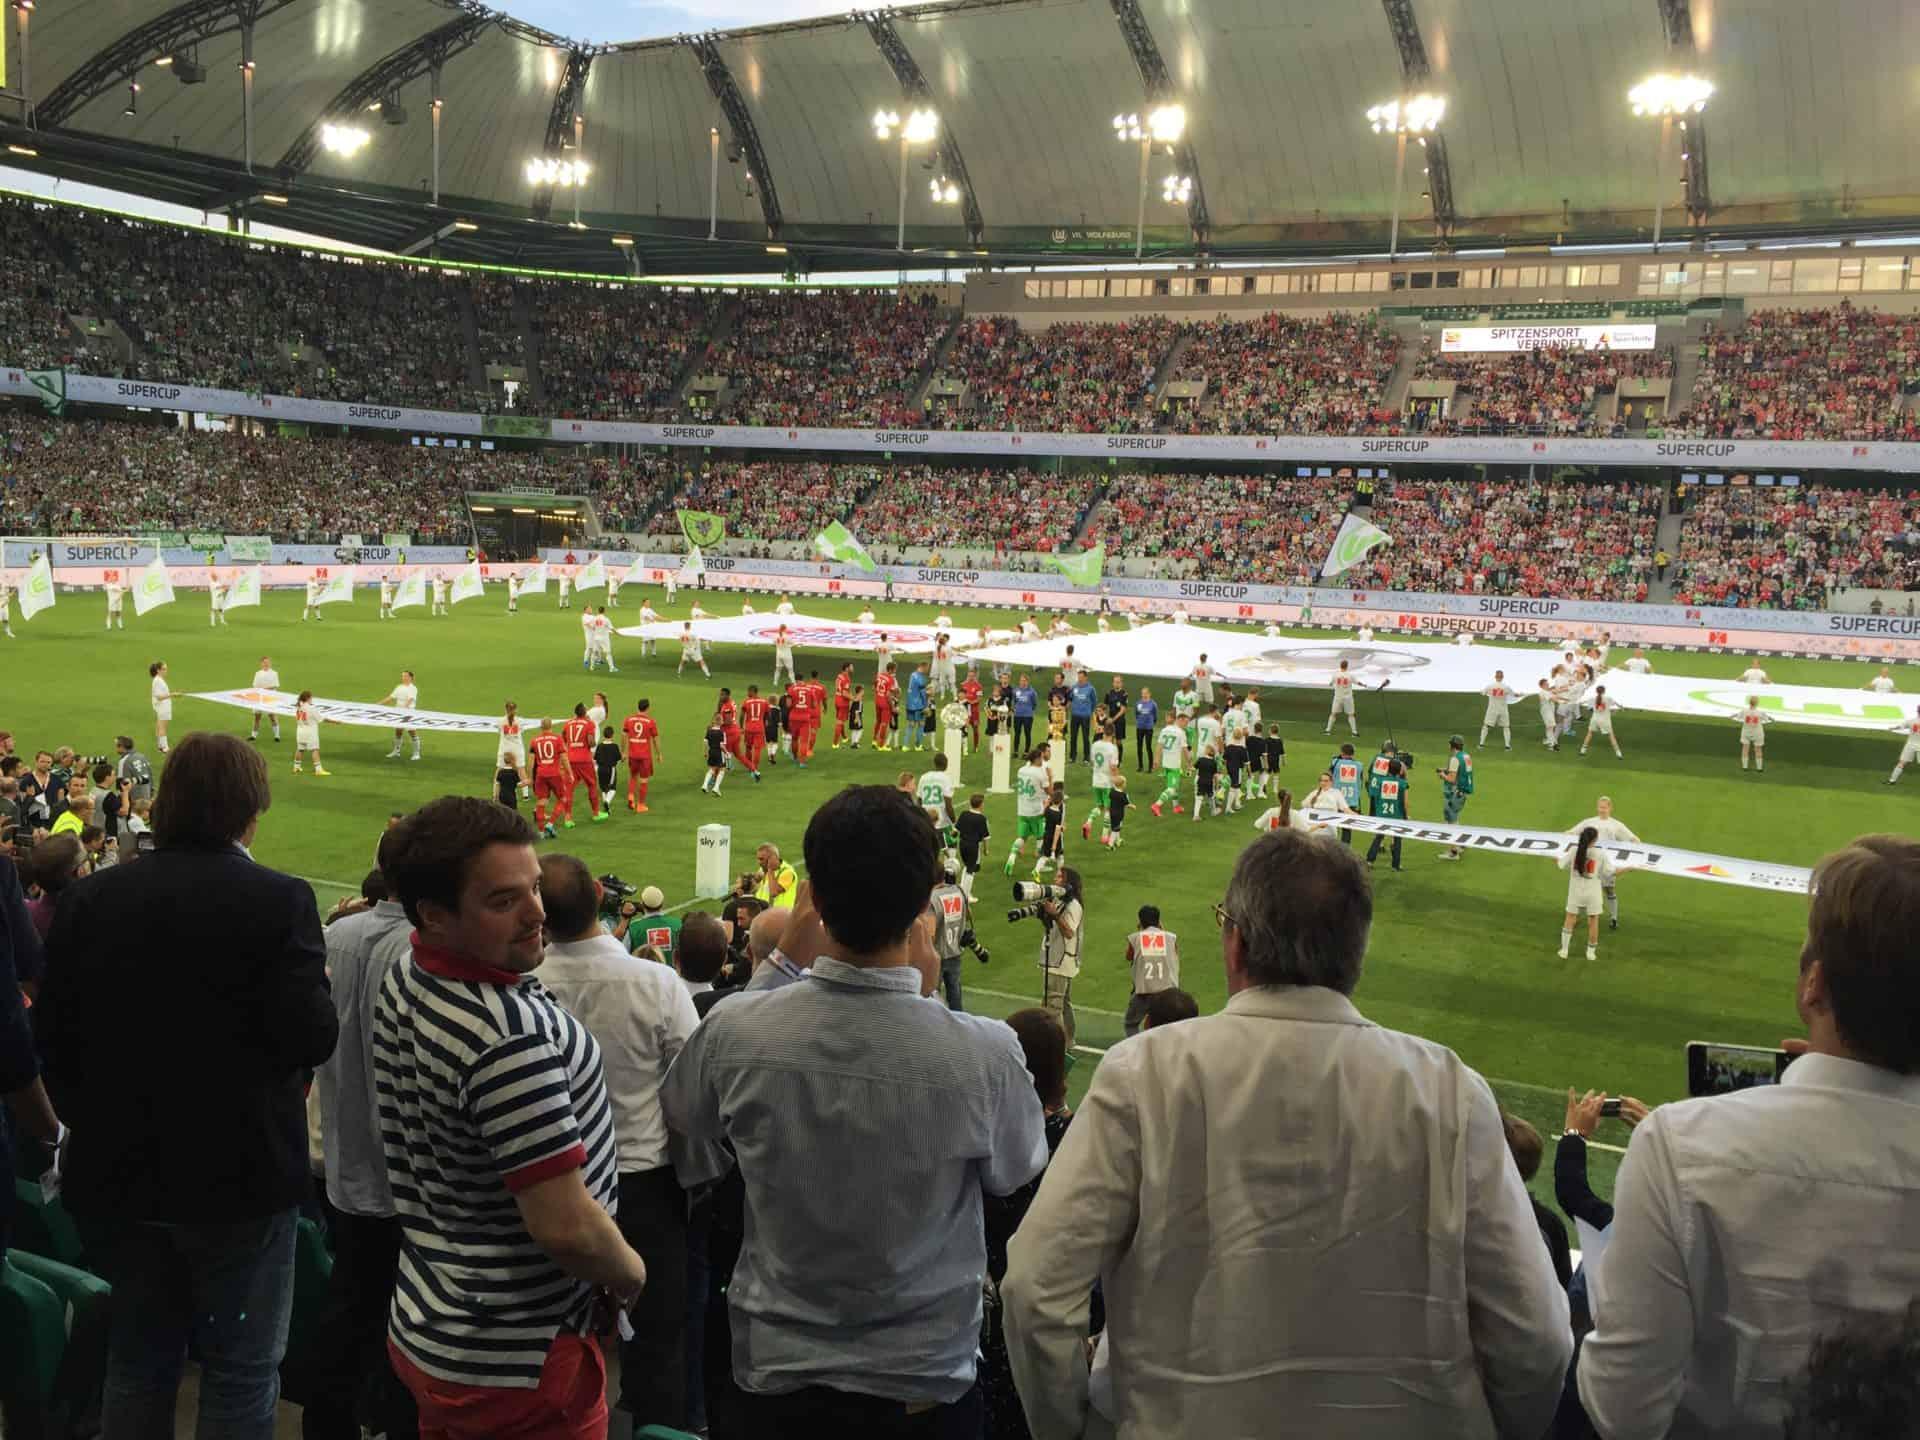 Dies Bundesliga ist attraktiv und auch international stark gesehen. TAG Heuer will hier ebenfalls ein starker Player sein